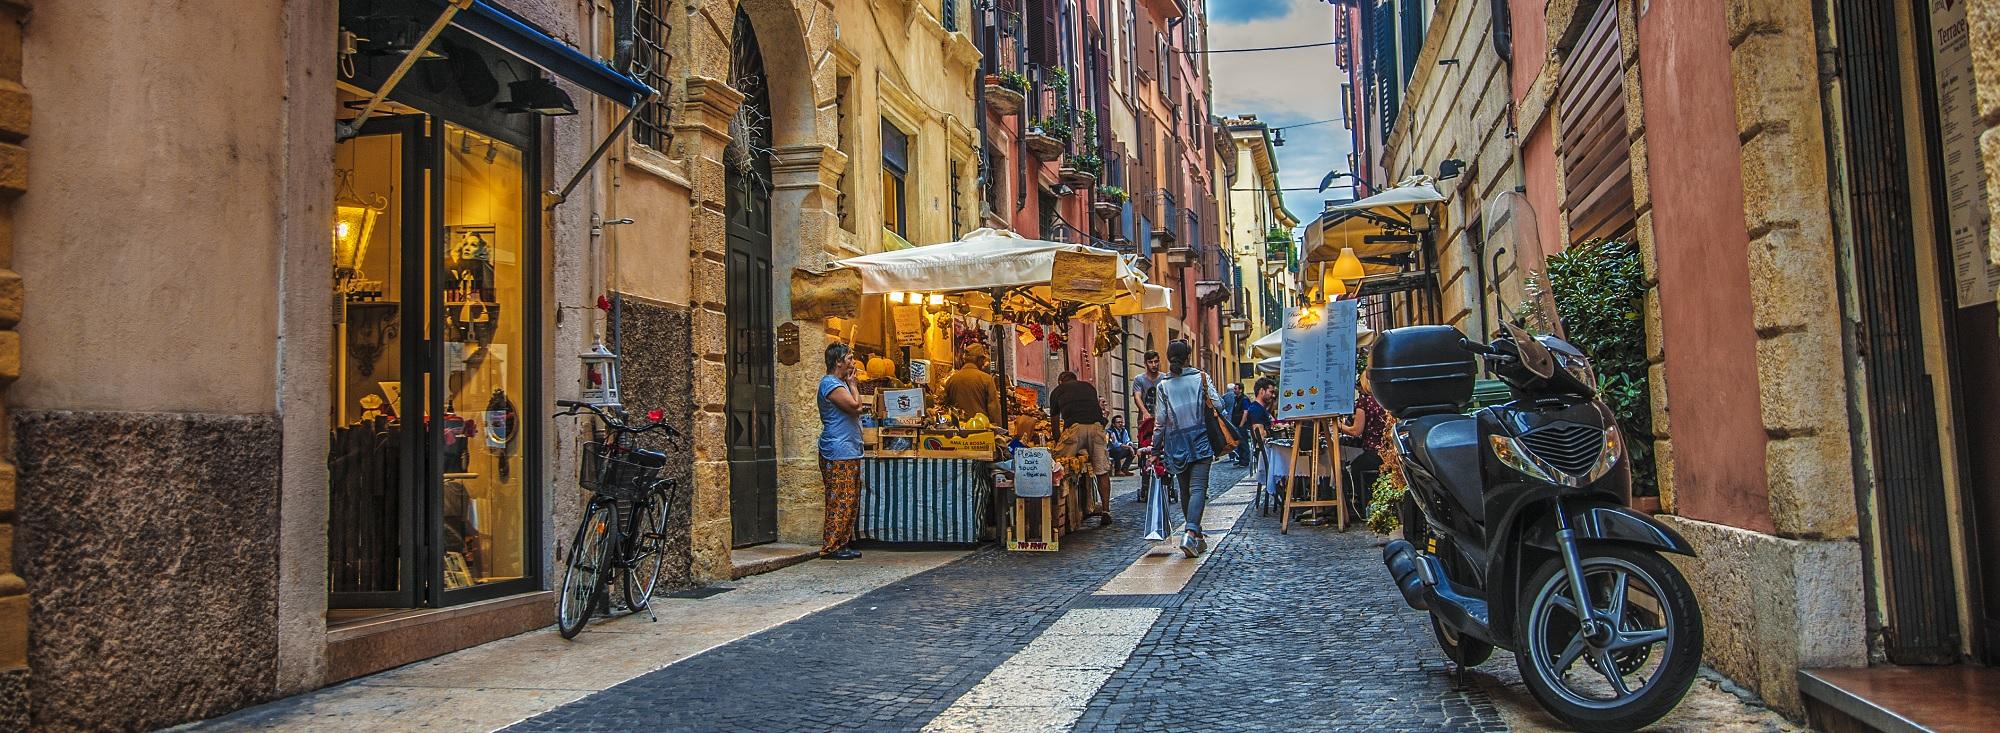 Activiteiten & Tours in Verona